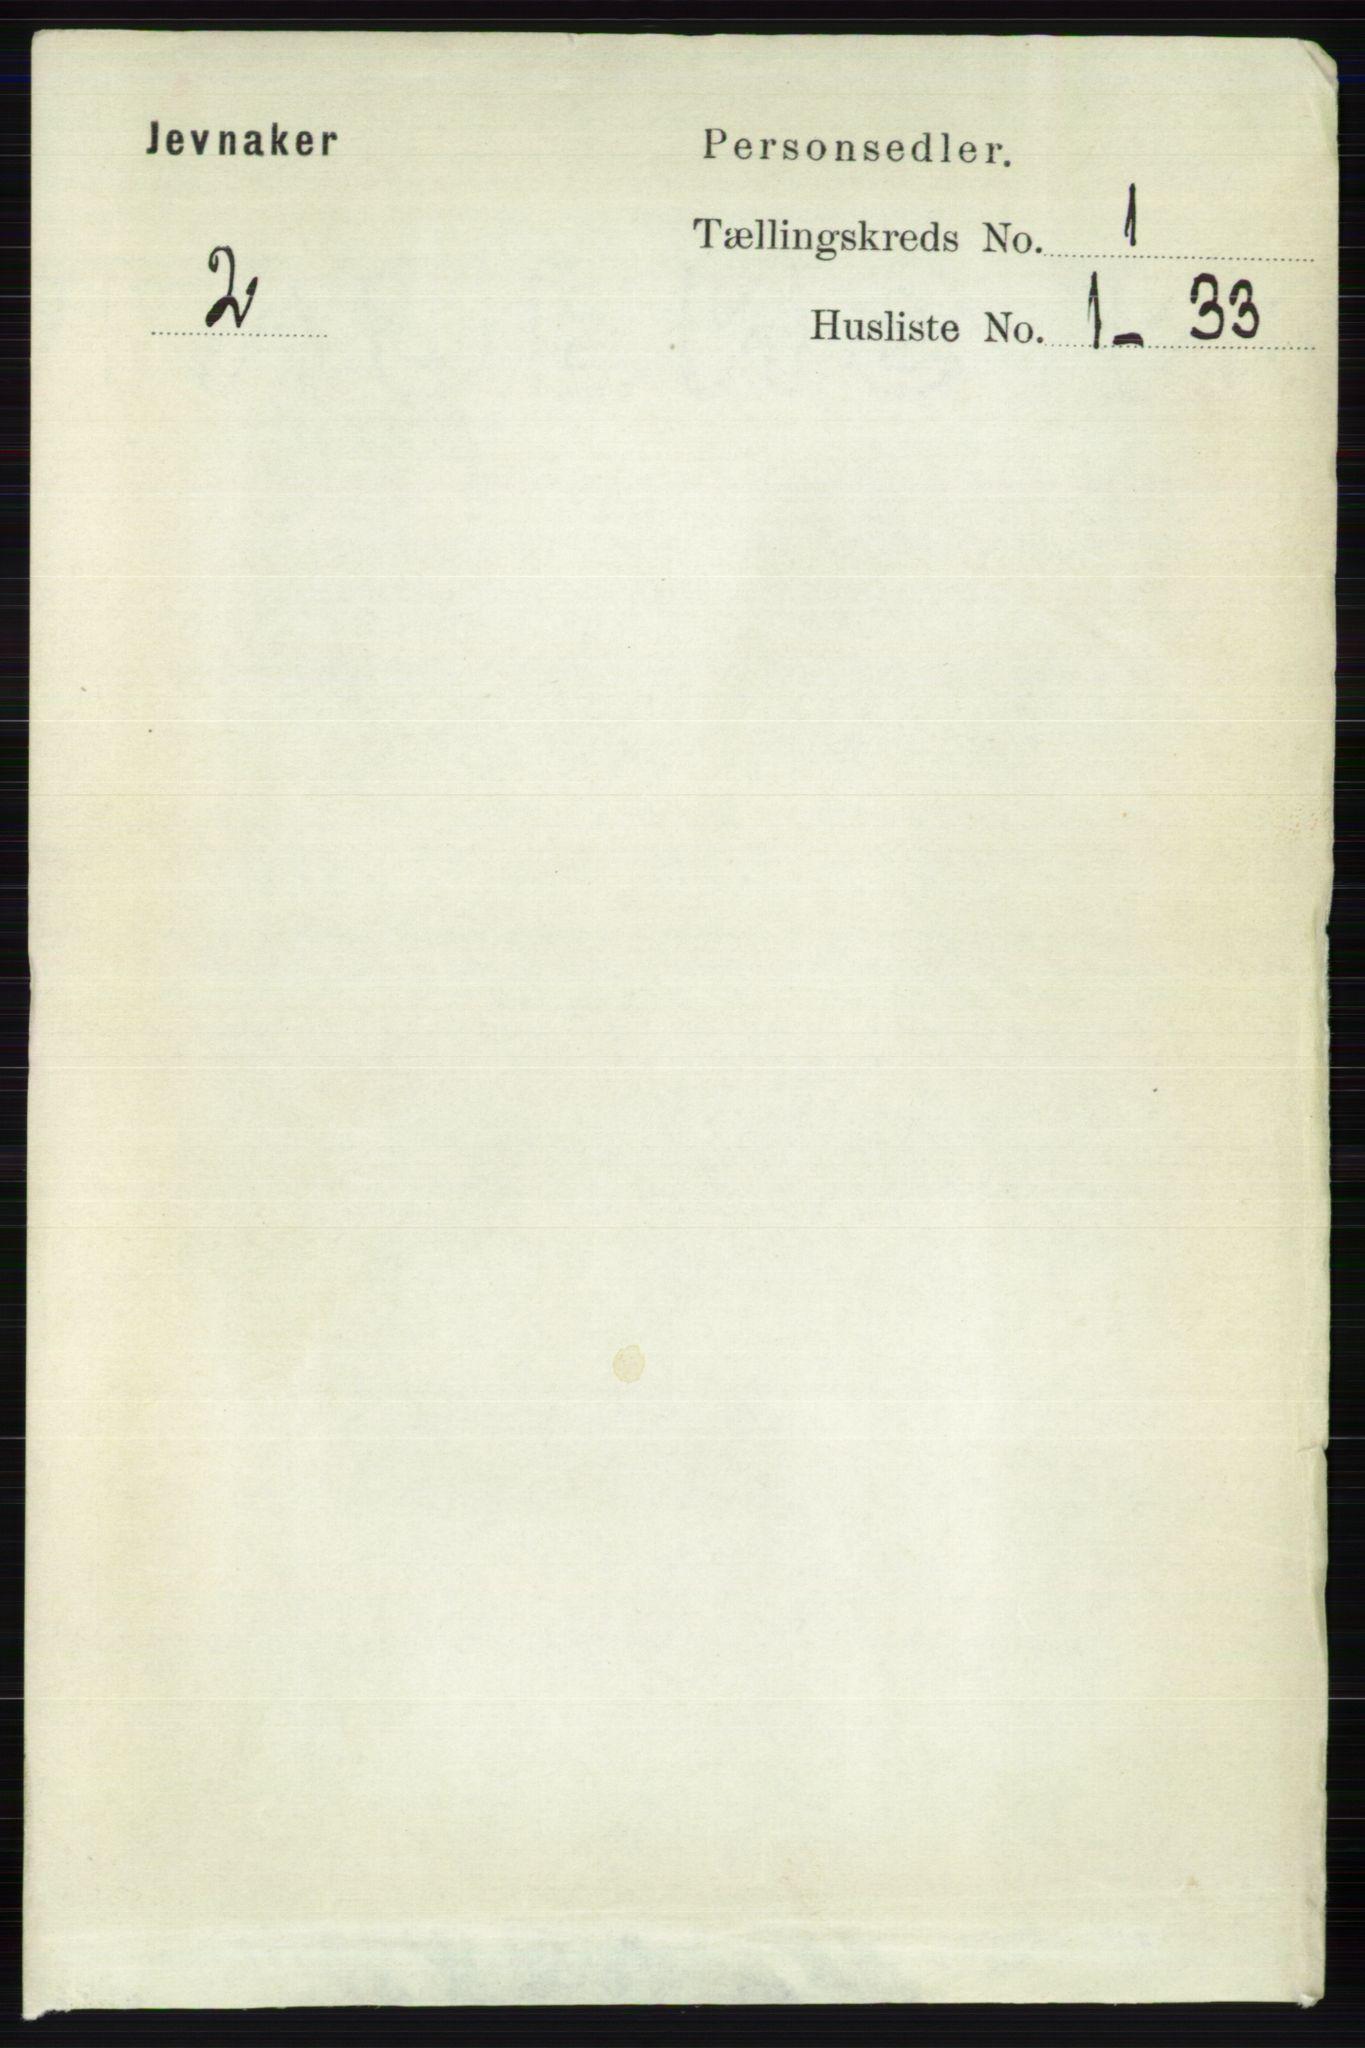 RA, Folketelling 1891 for 0532 Jevnaker herred, 1891, s. 113